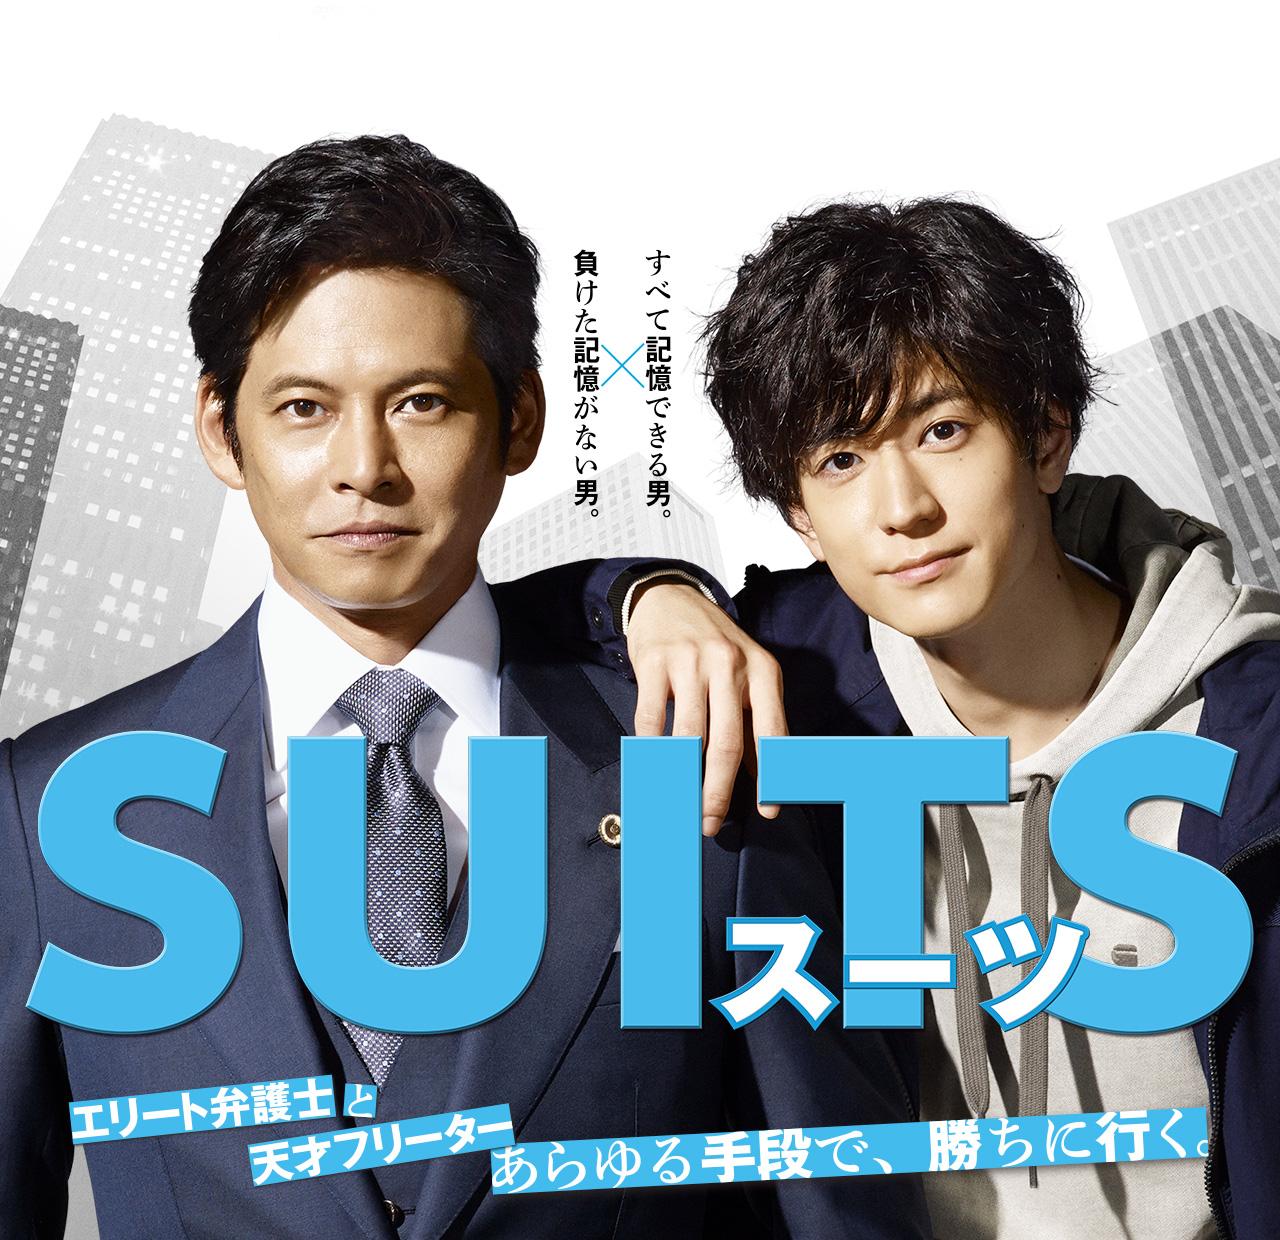 Suits Japanese Drama Asianwiki